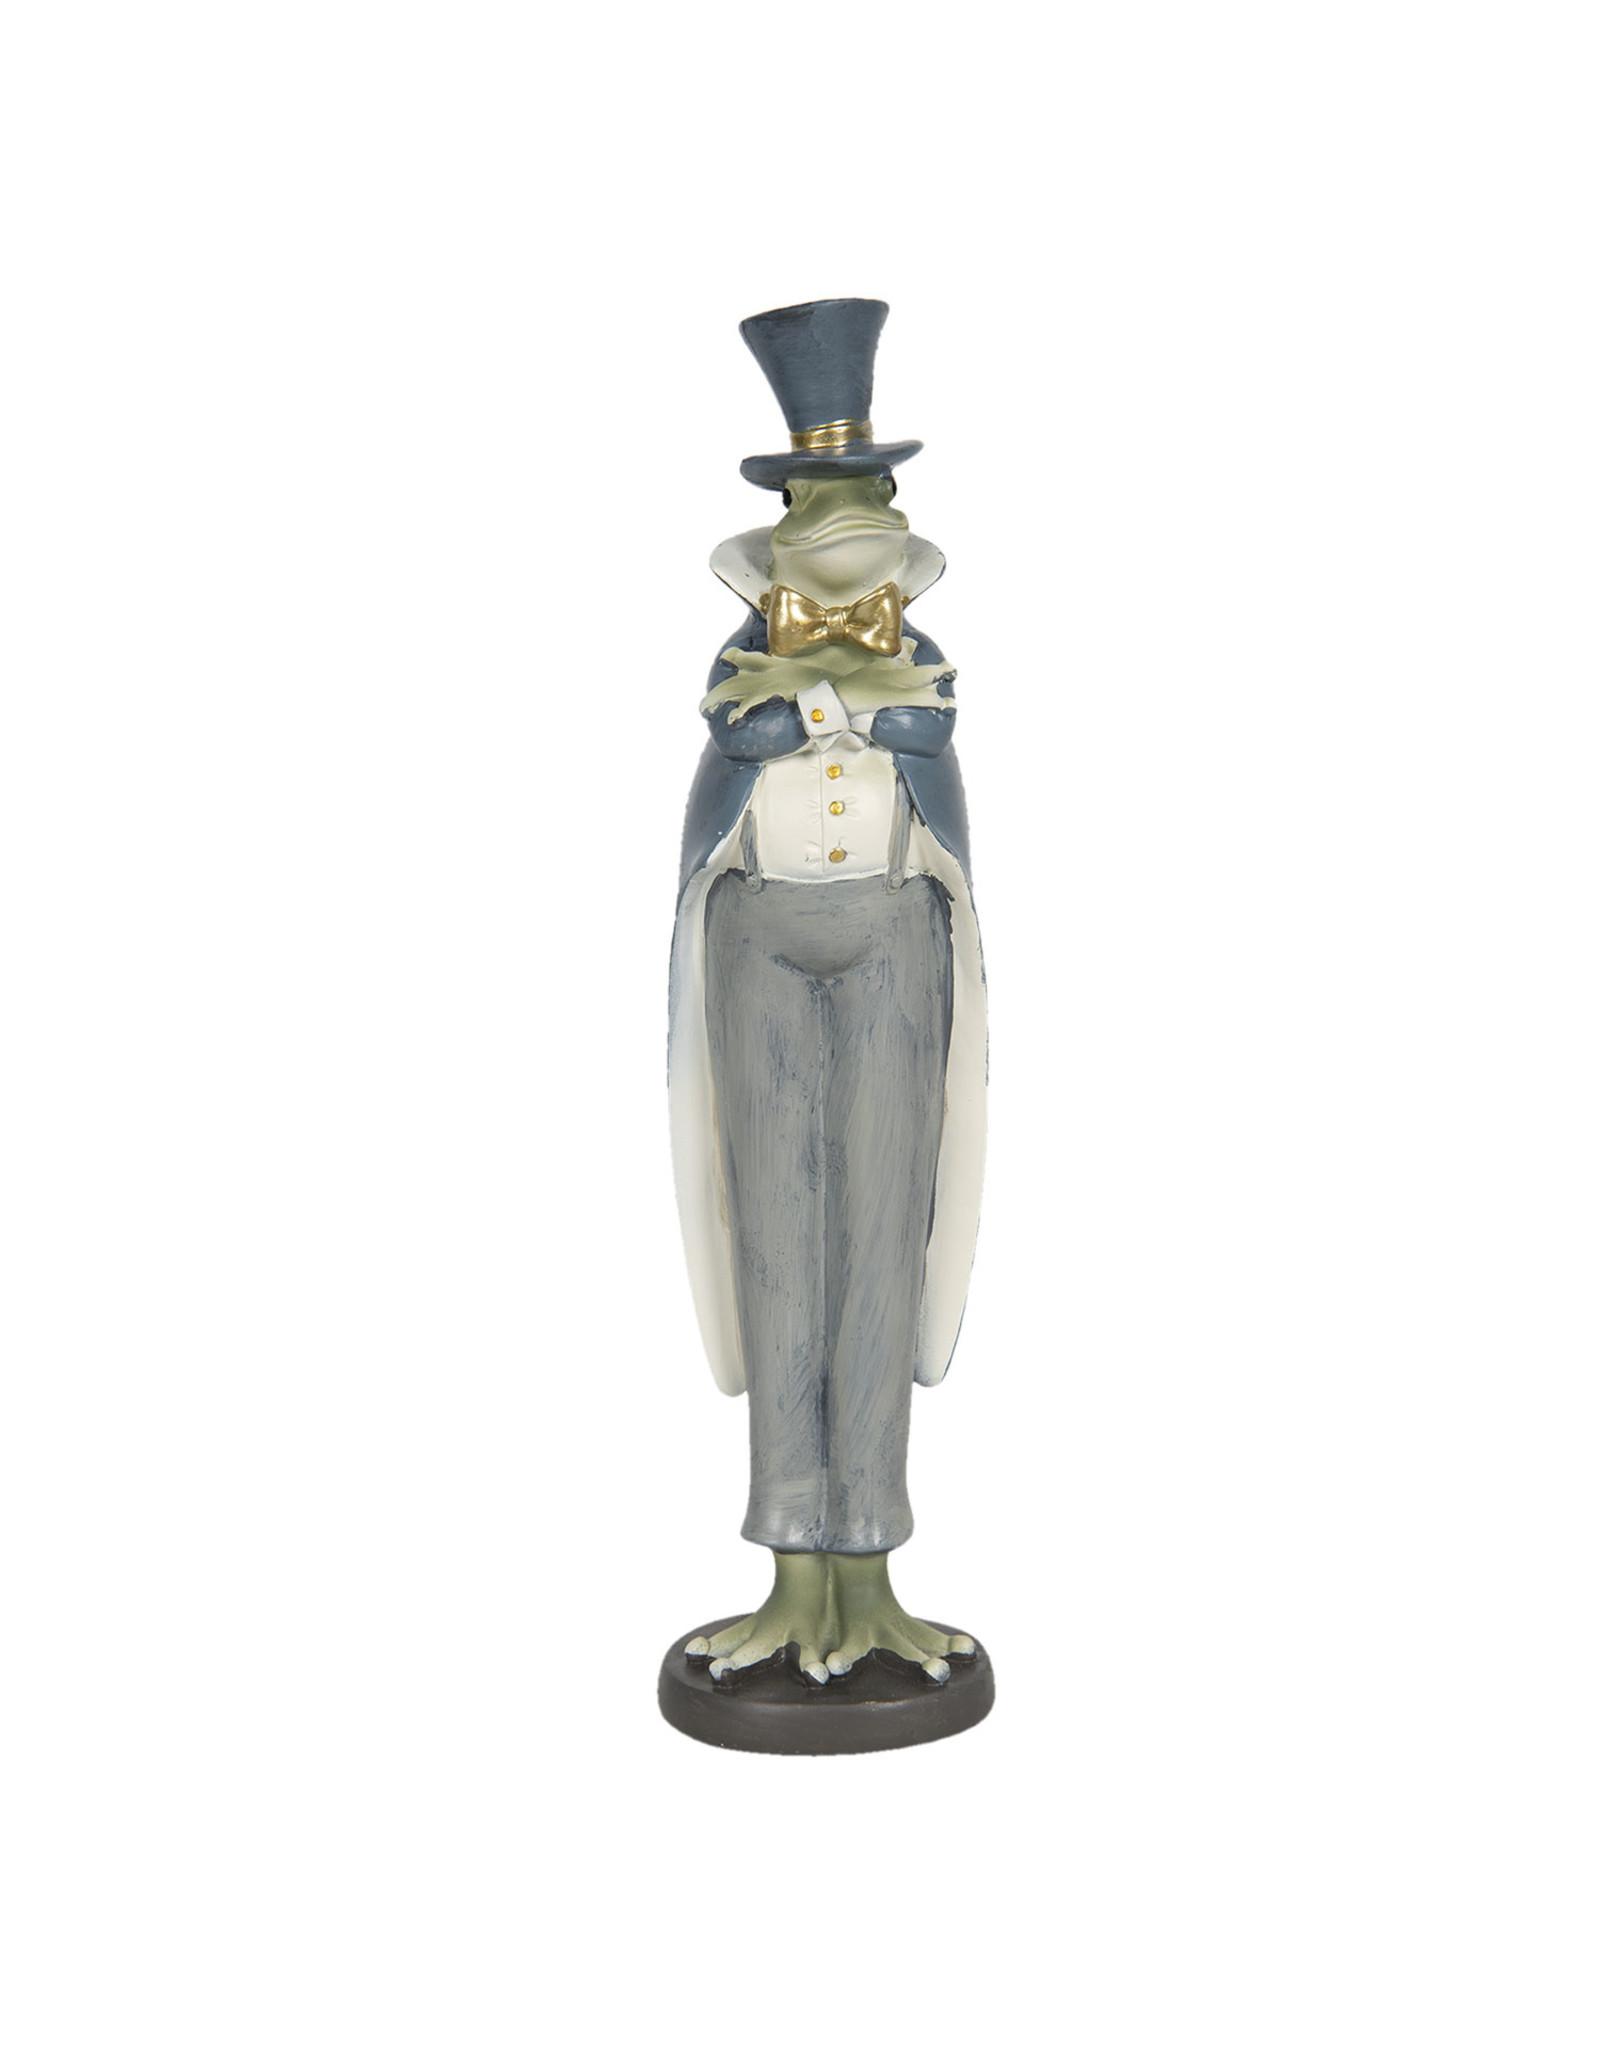 Trukado Giftware Figurines Collectables - Frog gentlemen figurine 32cm